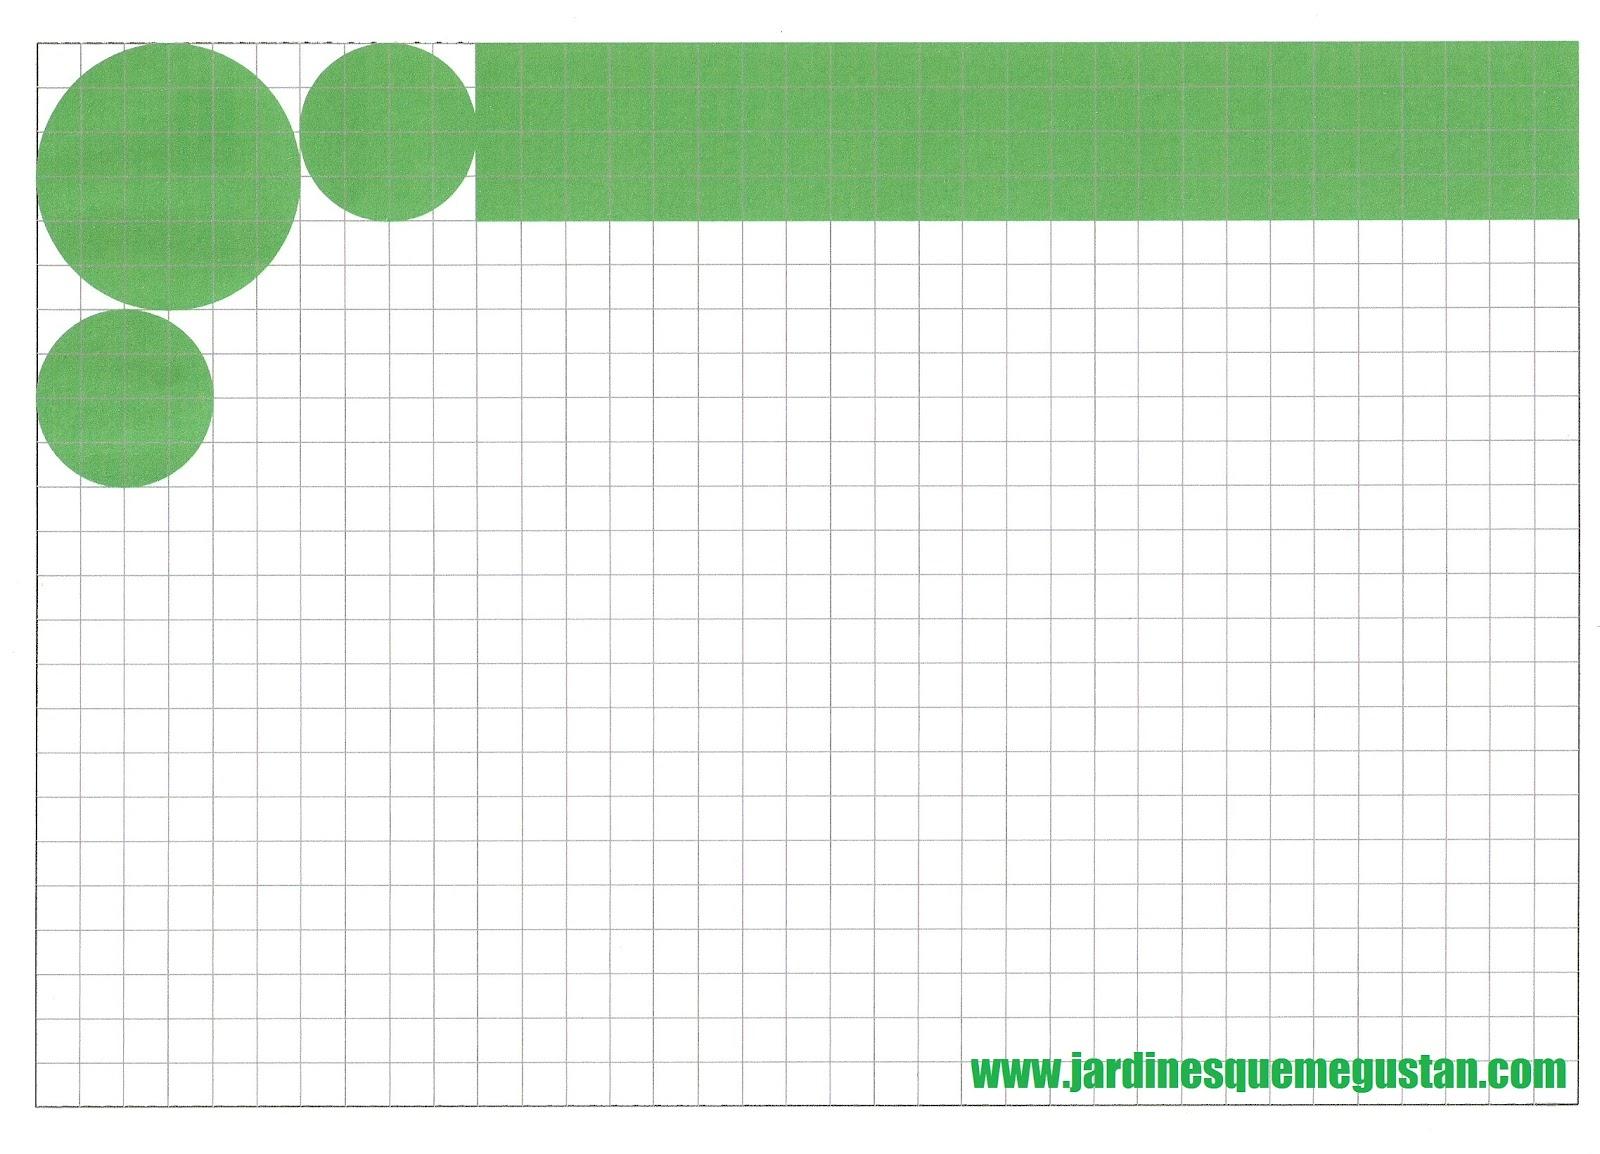 Jardines Que Me Gustan: Consulta, diseño y plantilla